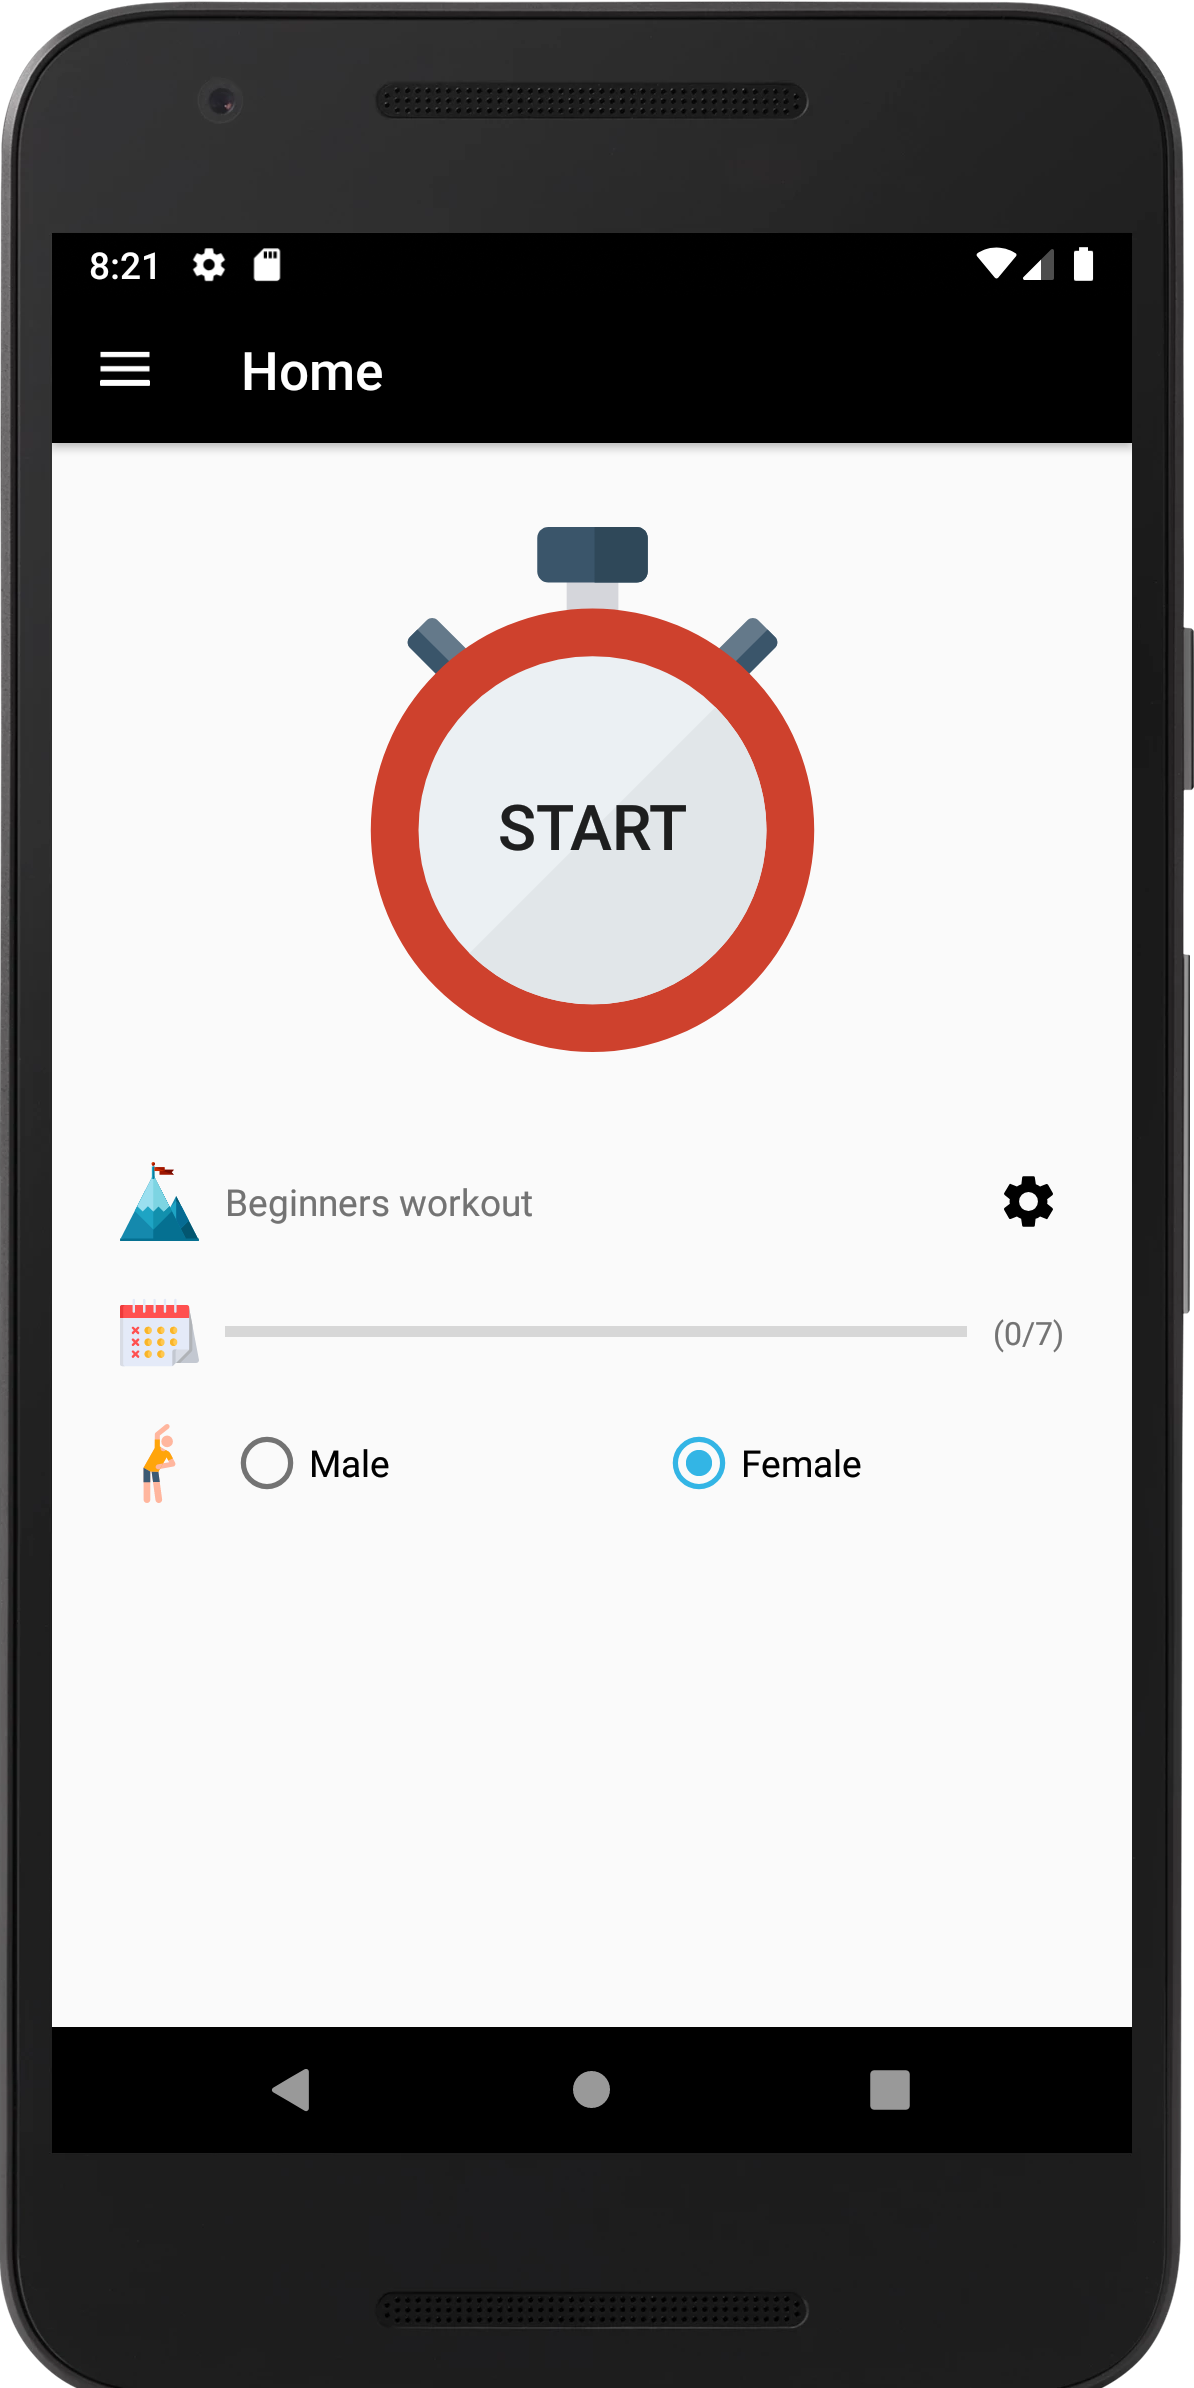 https://f-droid.org/repo/com.health.openworkout/en-GB/phoneScreenshots/1_en-GB.png